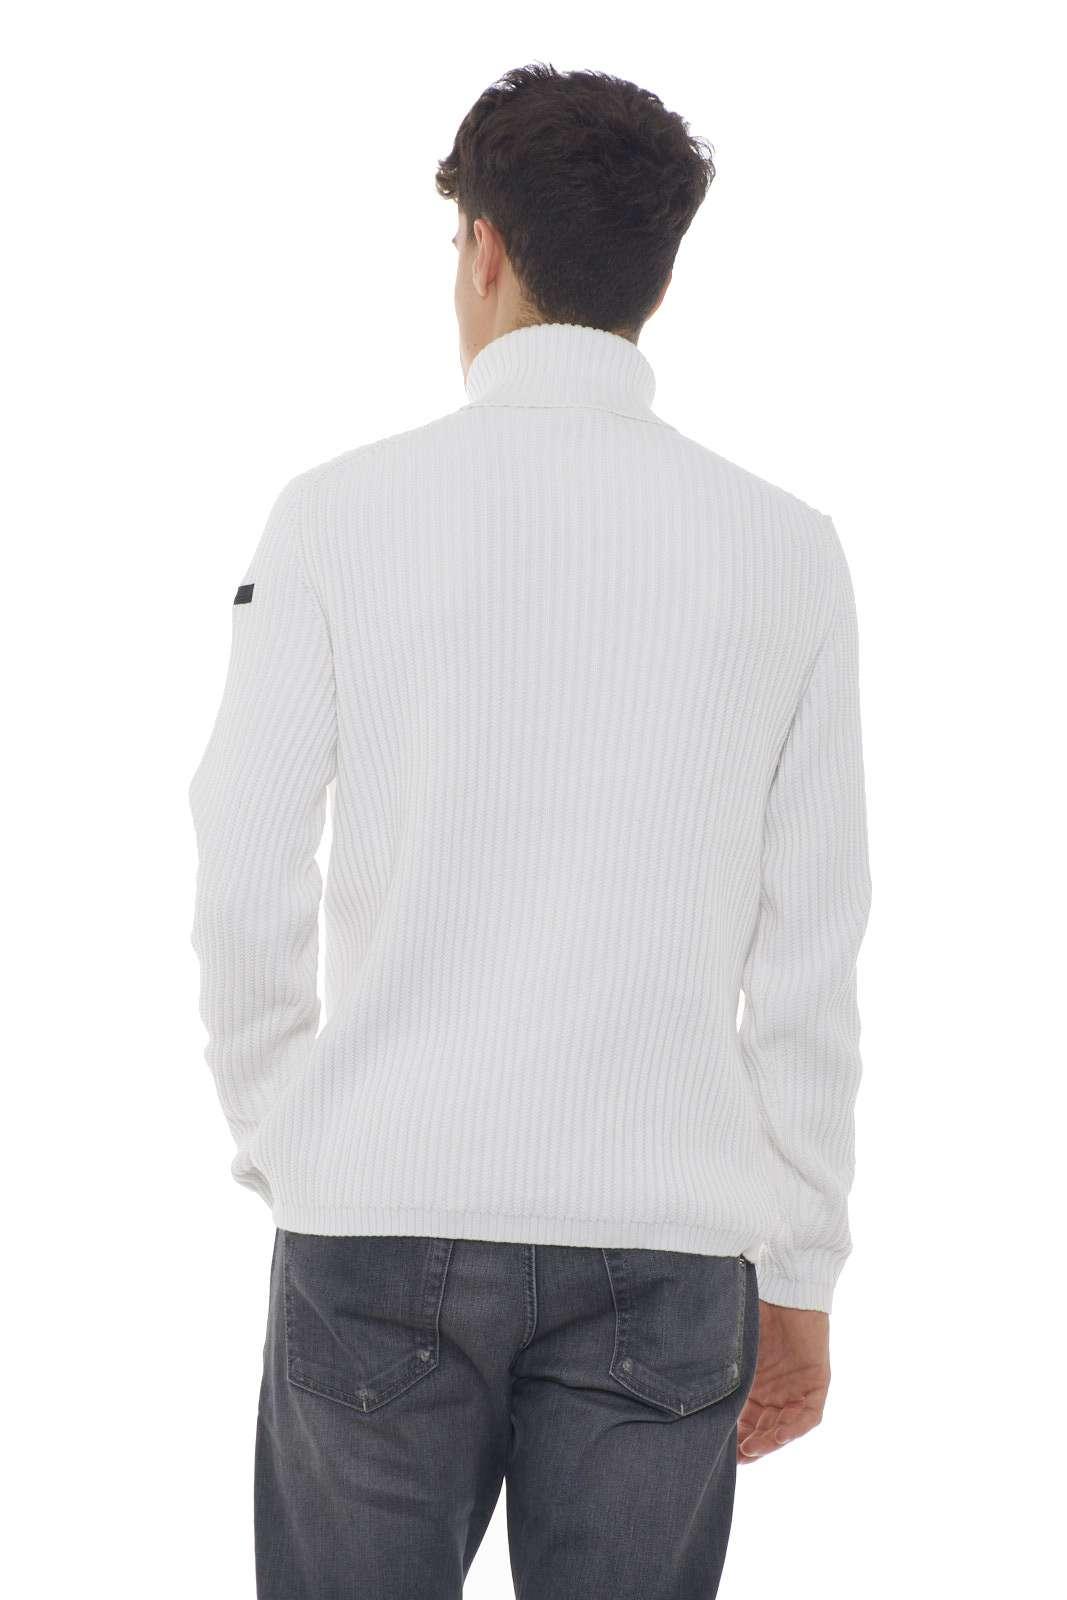 https://www.parmax.com/media/catalog/product/a/i/AI-outlet_parmax-maglia-uomo-RRD-W19112-C.jpg